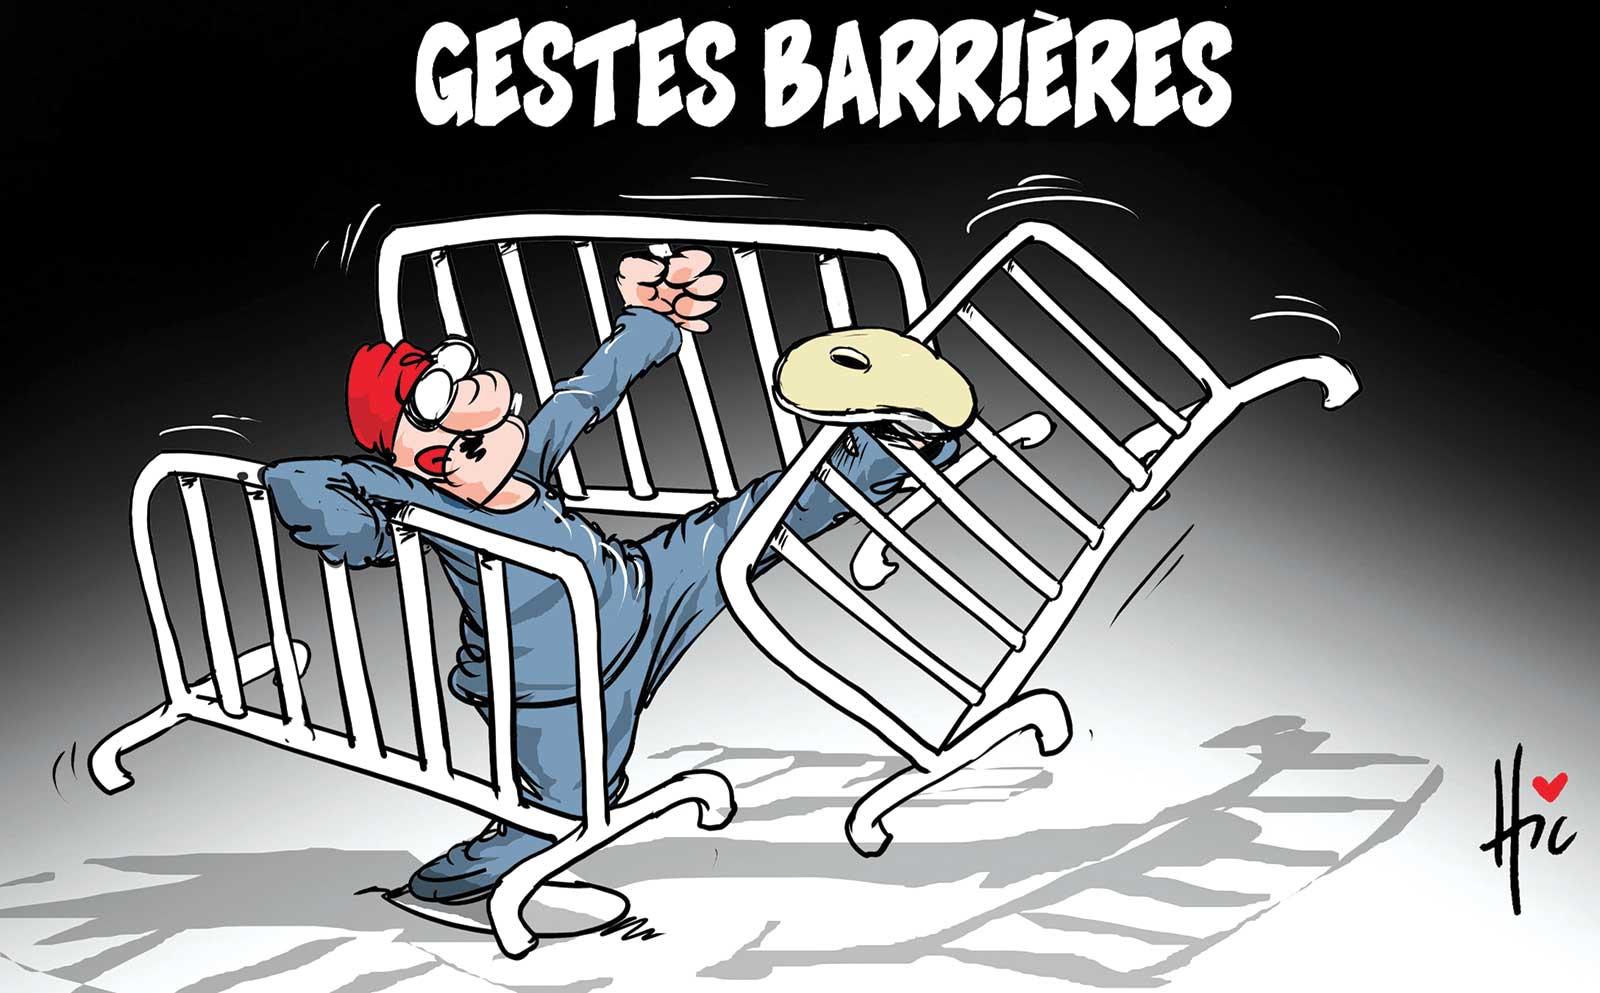 Gestes barrières - Dessins et Caricatures, Le Hic - El Watan - Gagdz.com